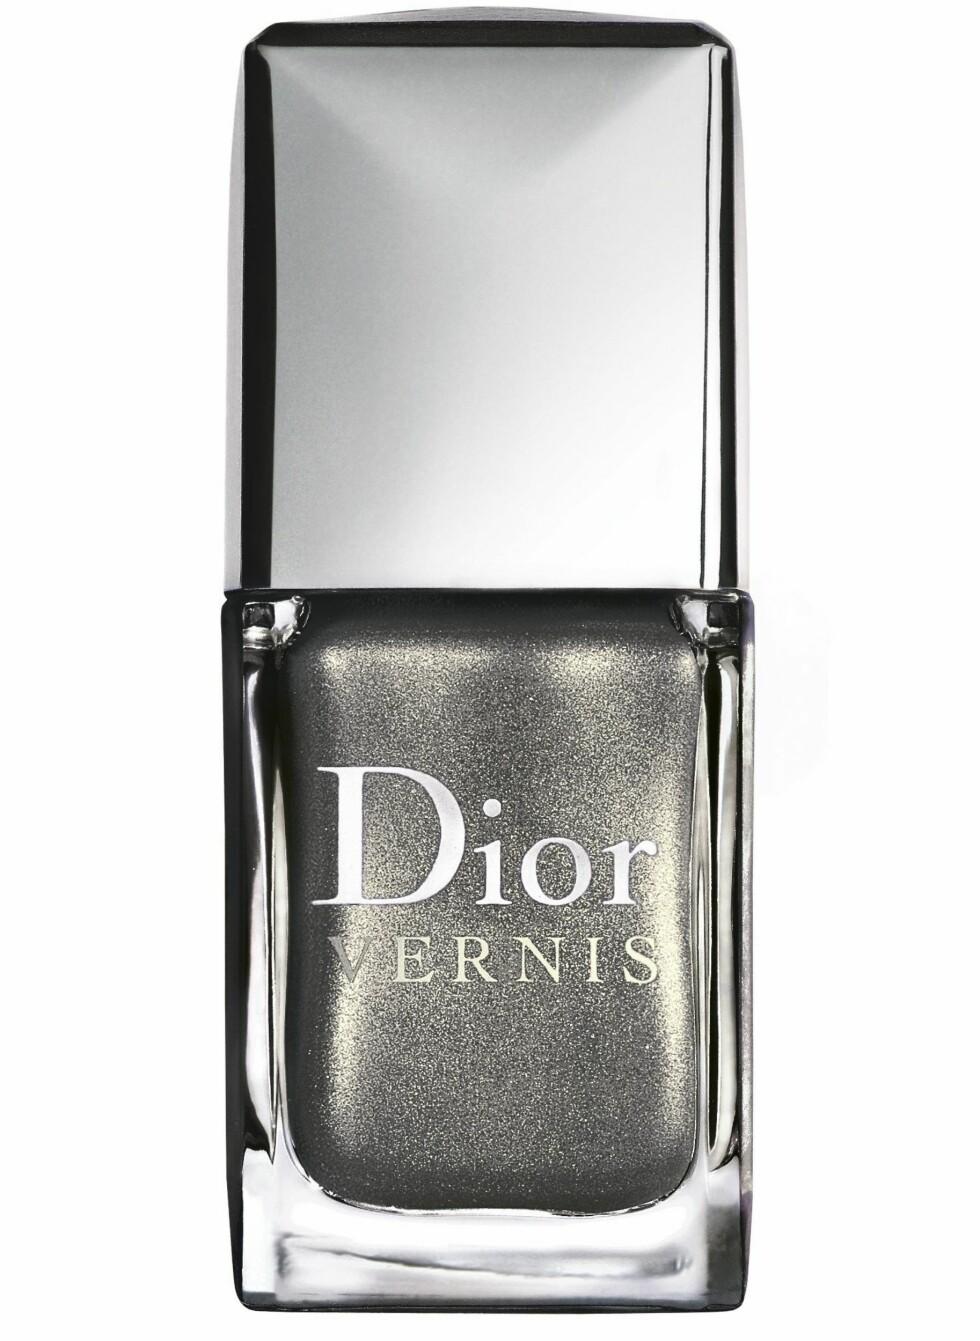 Neglelakk er viktig denne våren. Trendene forteller at den ikke trenger bare være rød eller rosa, også metalliske, kalde farger er helt riktig nå. Diors vårlook er inspirert av 1920-tallets kokette skjønnhetsideal og den suptile kombinasjonen av uskyld og sensualitet. Dior Vernis Silver Pearl 604 er limited edition neglelakkene til vårlooken (kr 200, Dior).